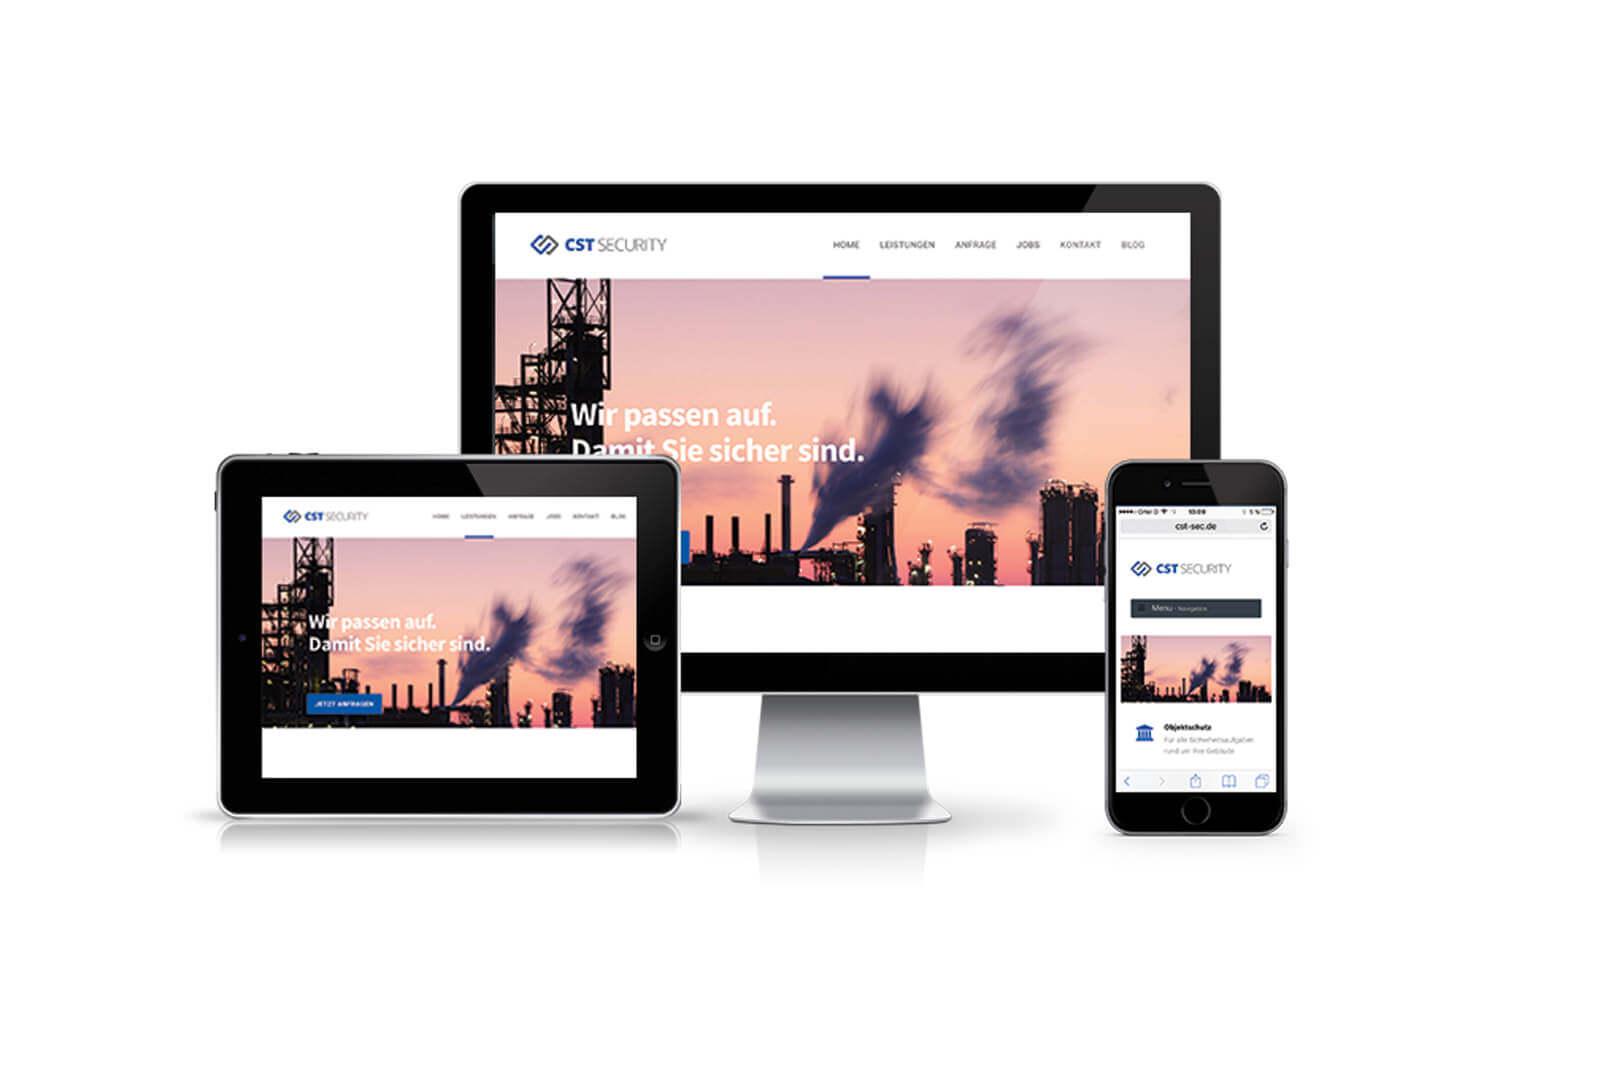 Mit Webdesign und Suchmaschinenoptimierung an die Spitze